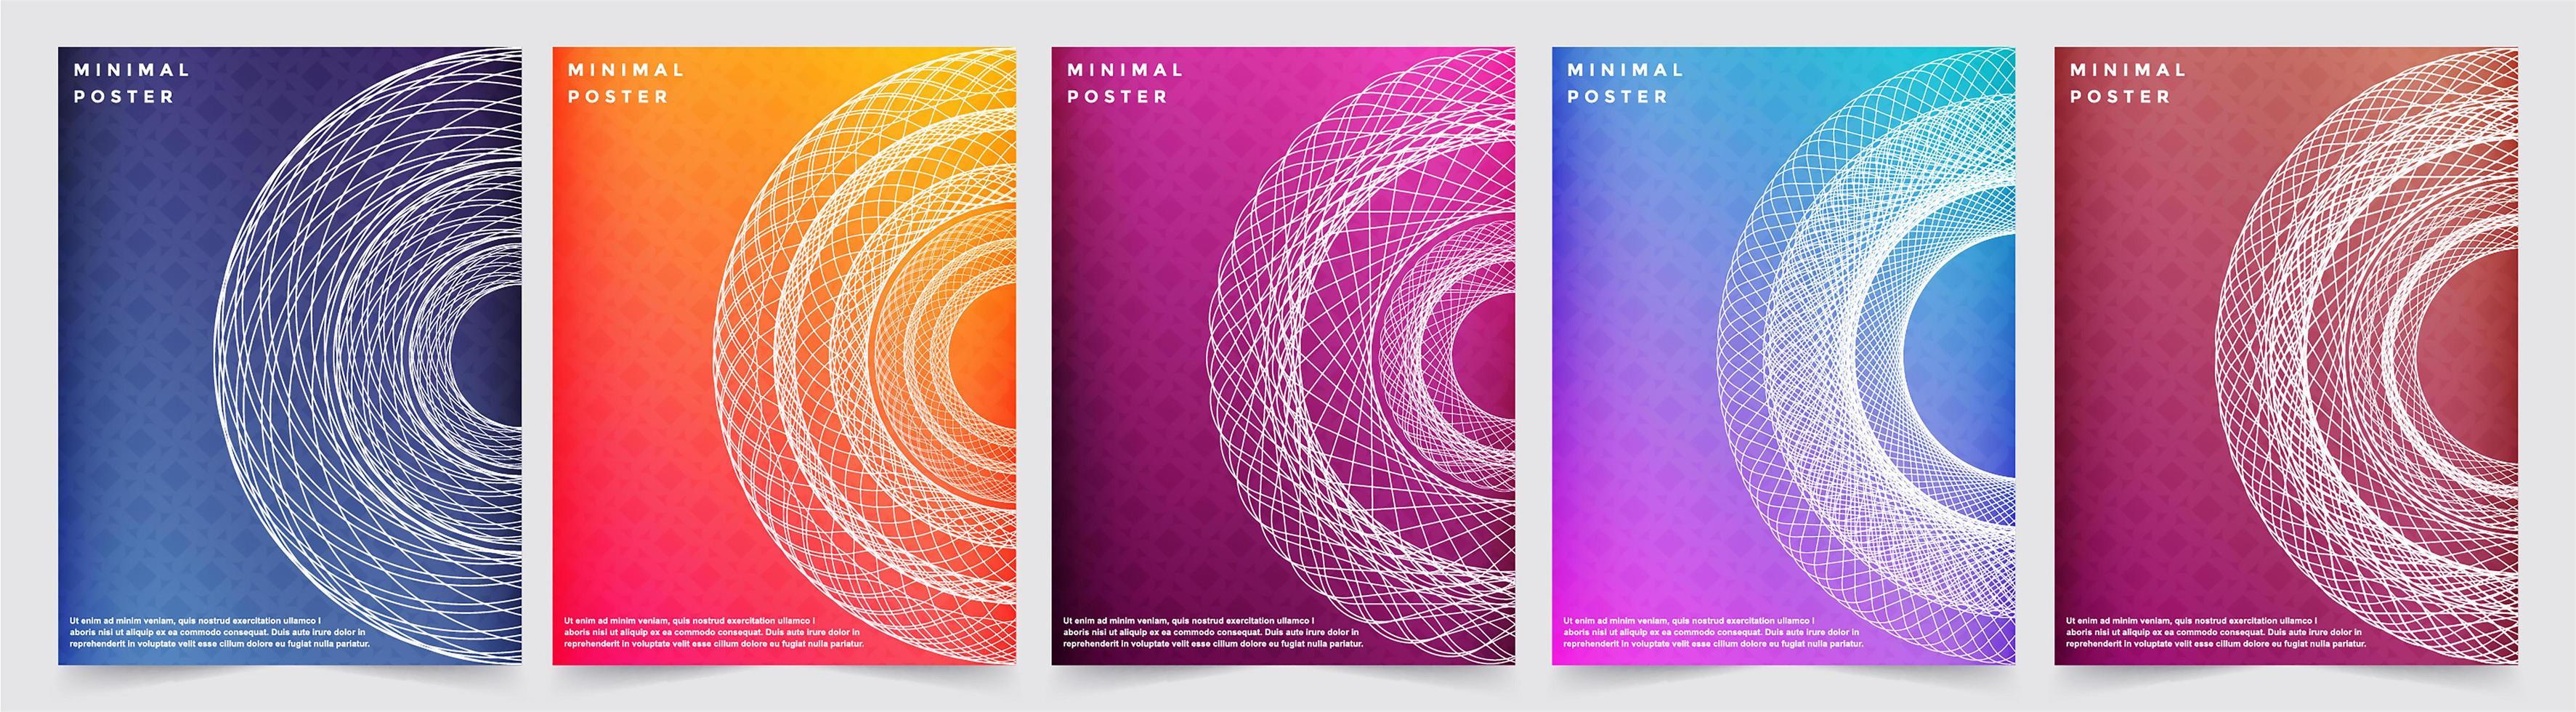 motifs de couvertures minimales colorées abstraites vecteur